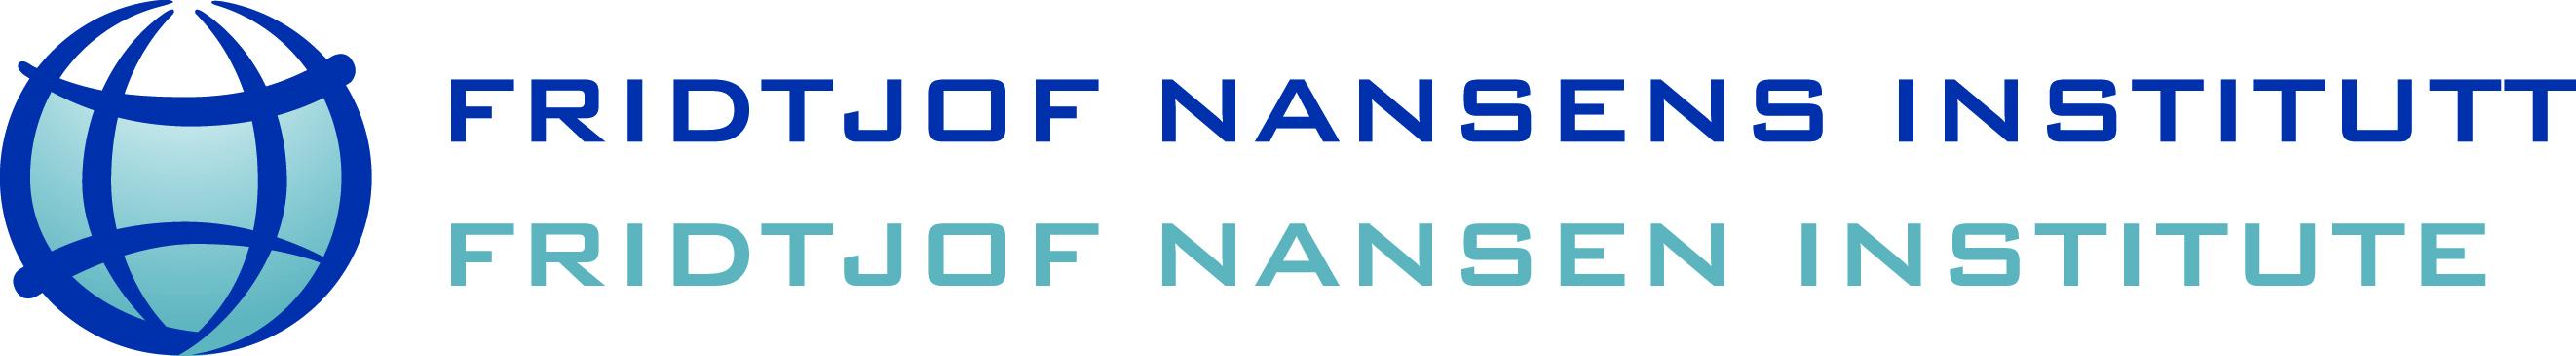 The Fridtjof Nansen Institute